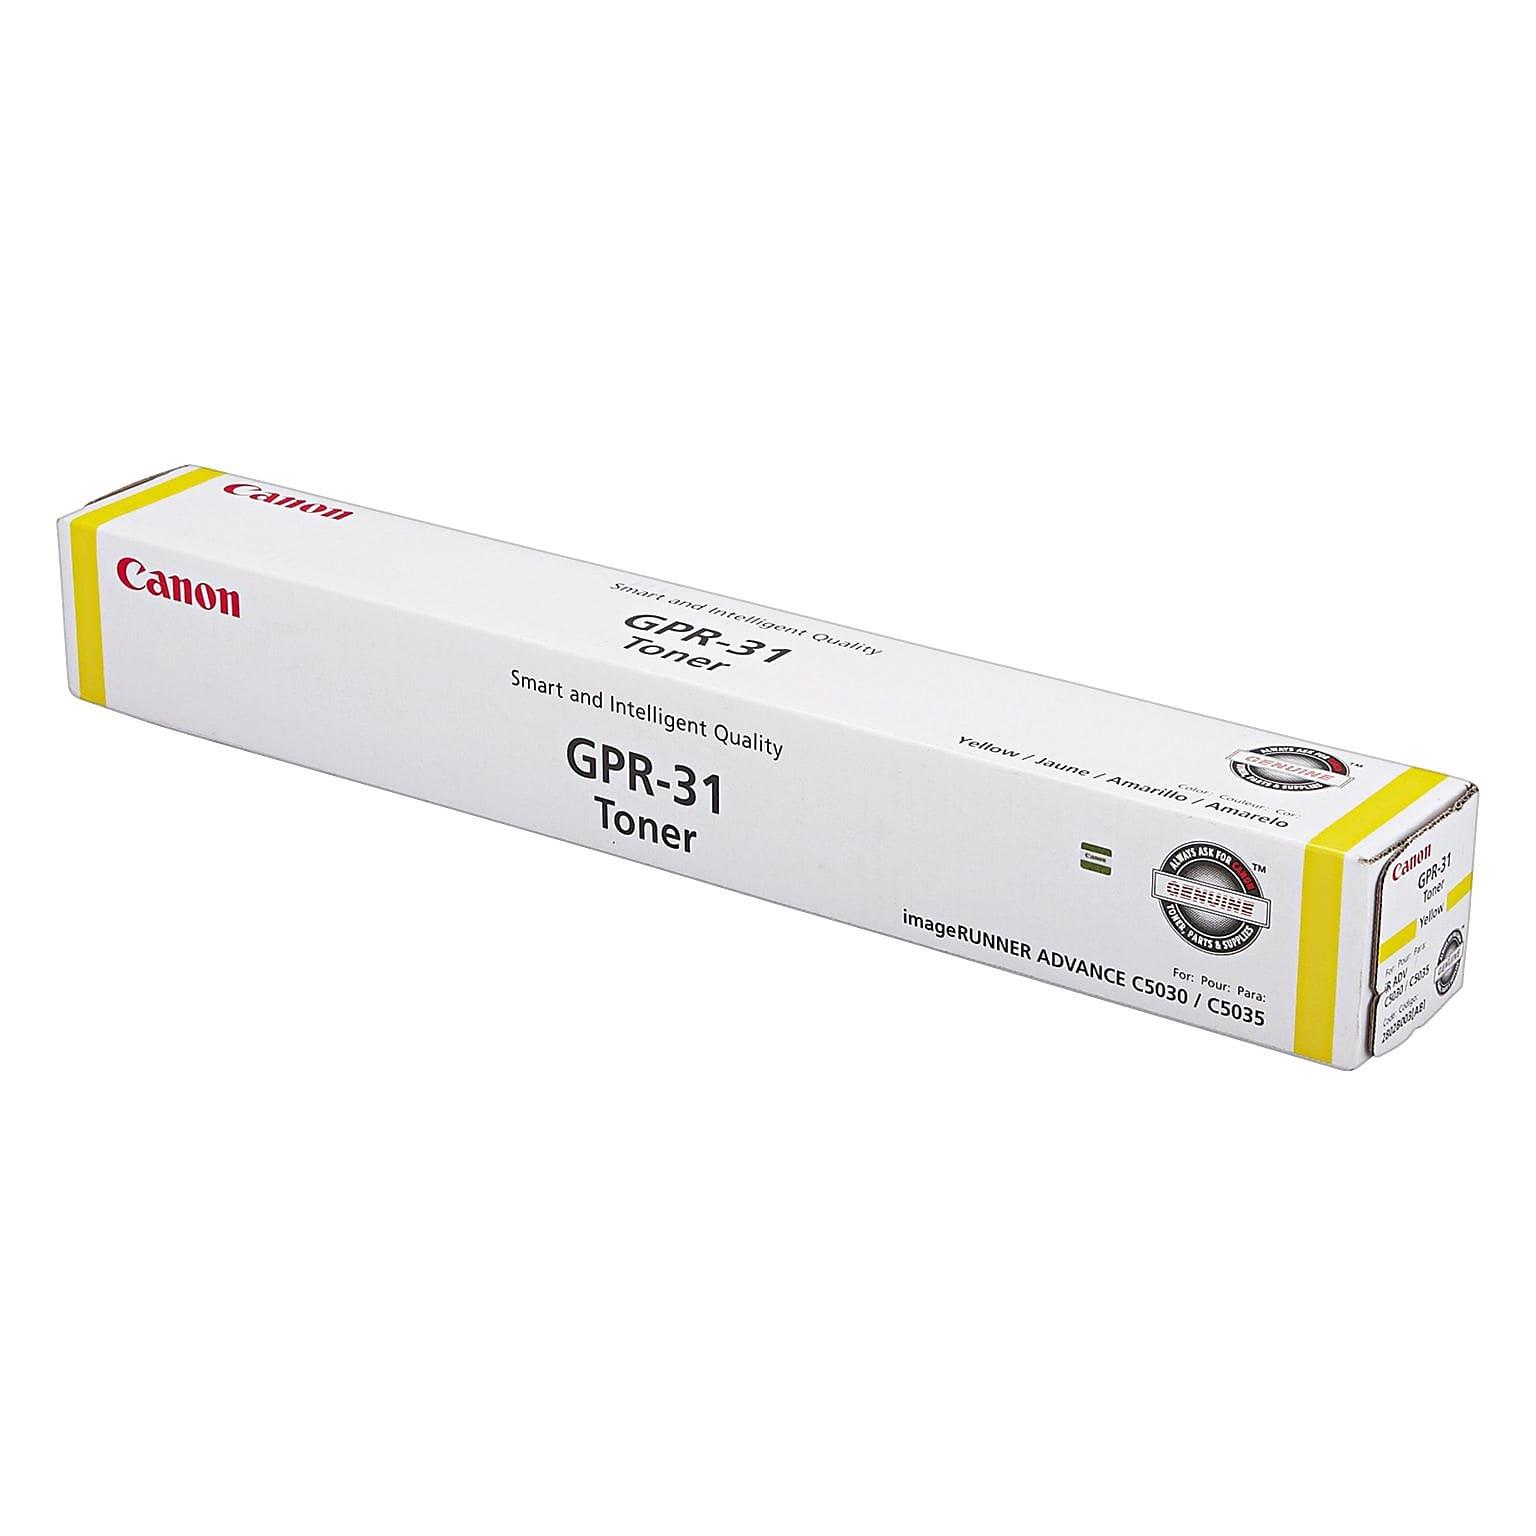 Canon GPR-31 Toner Cartridge (2802B003AA) - Yellow